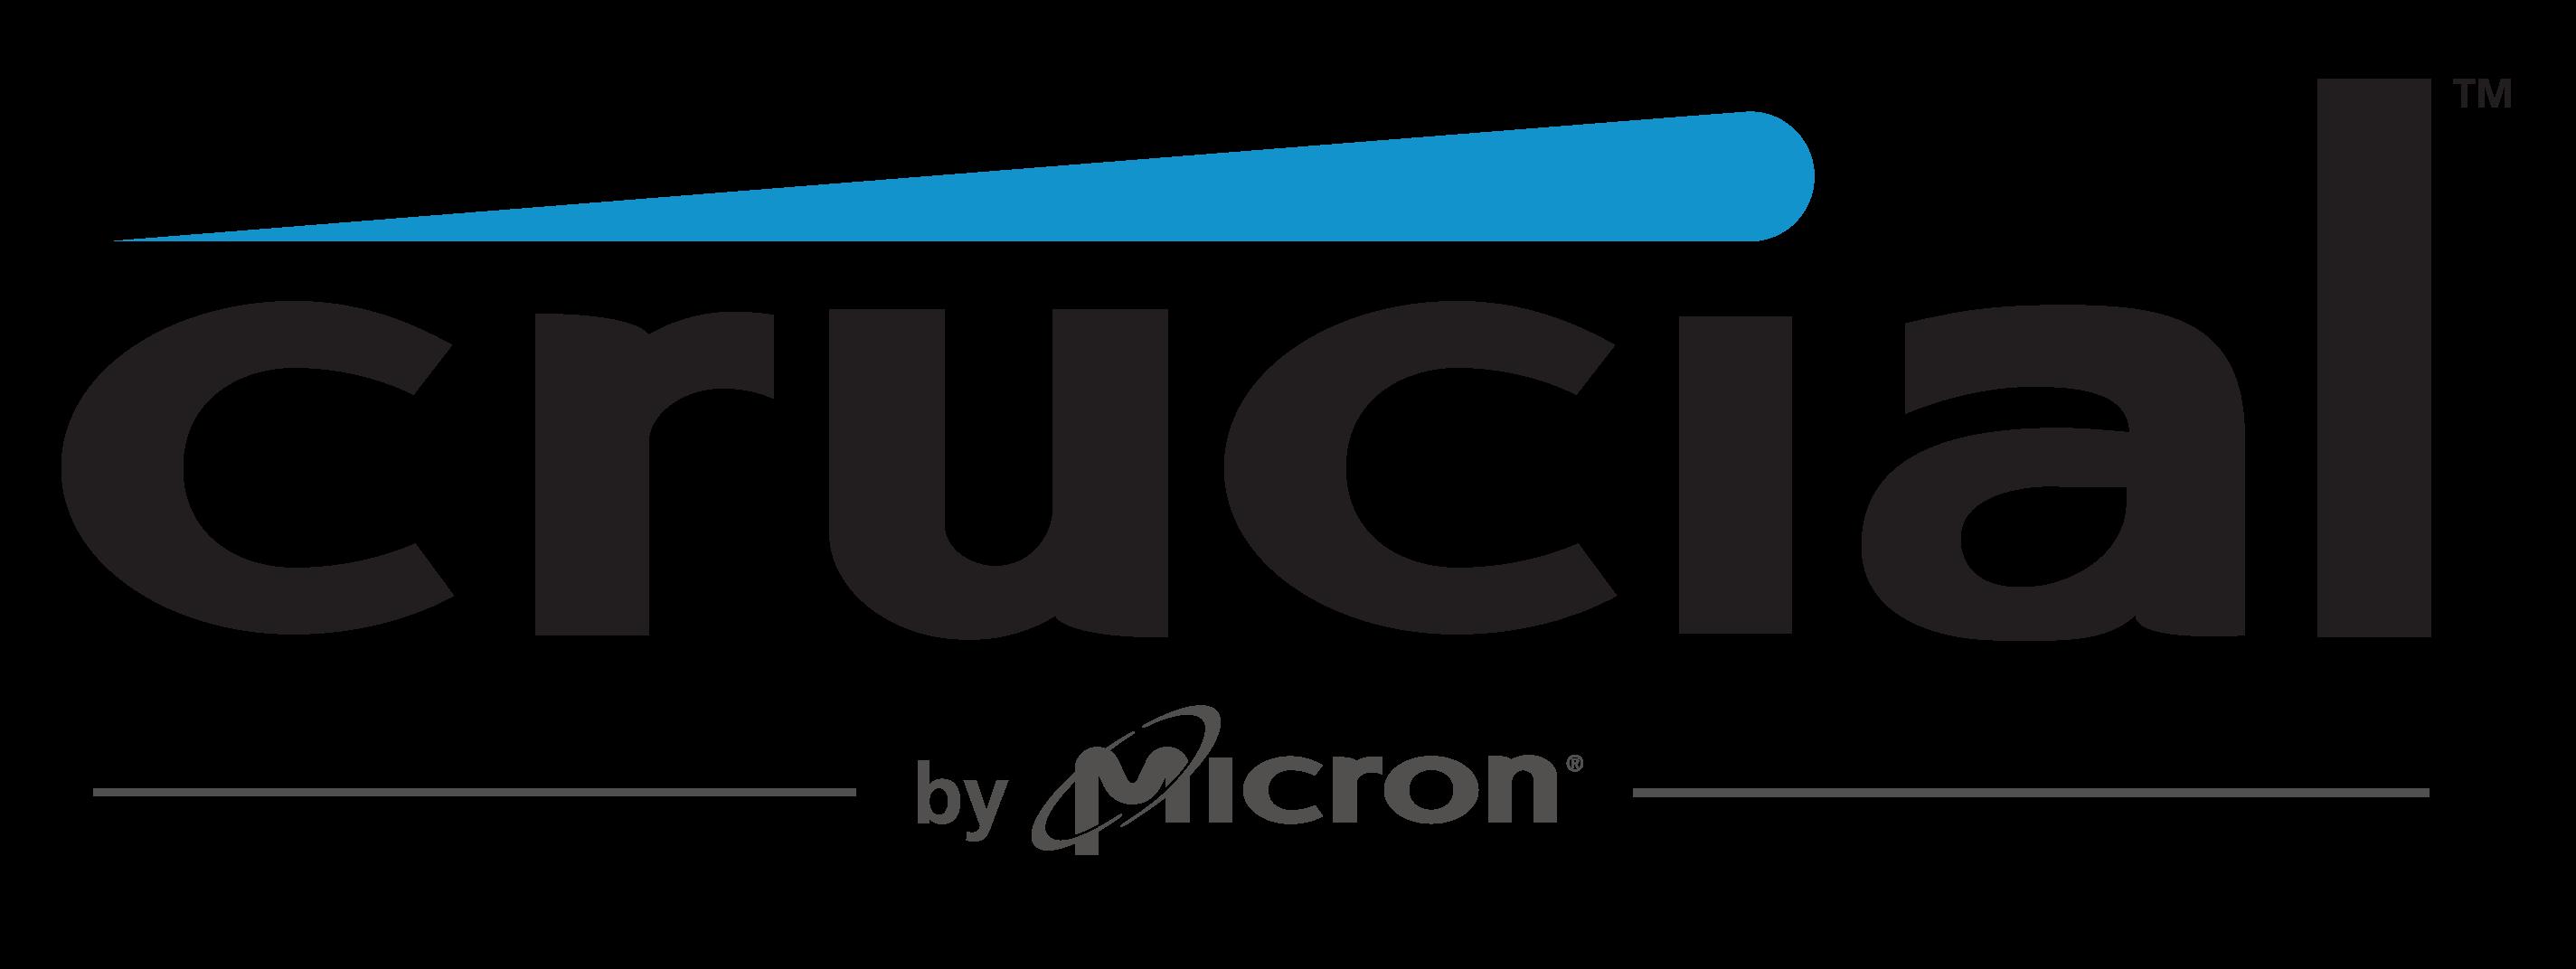 Crucial - Syntech